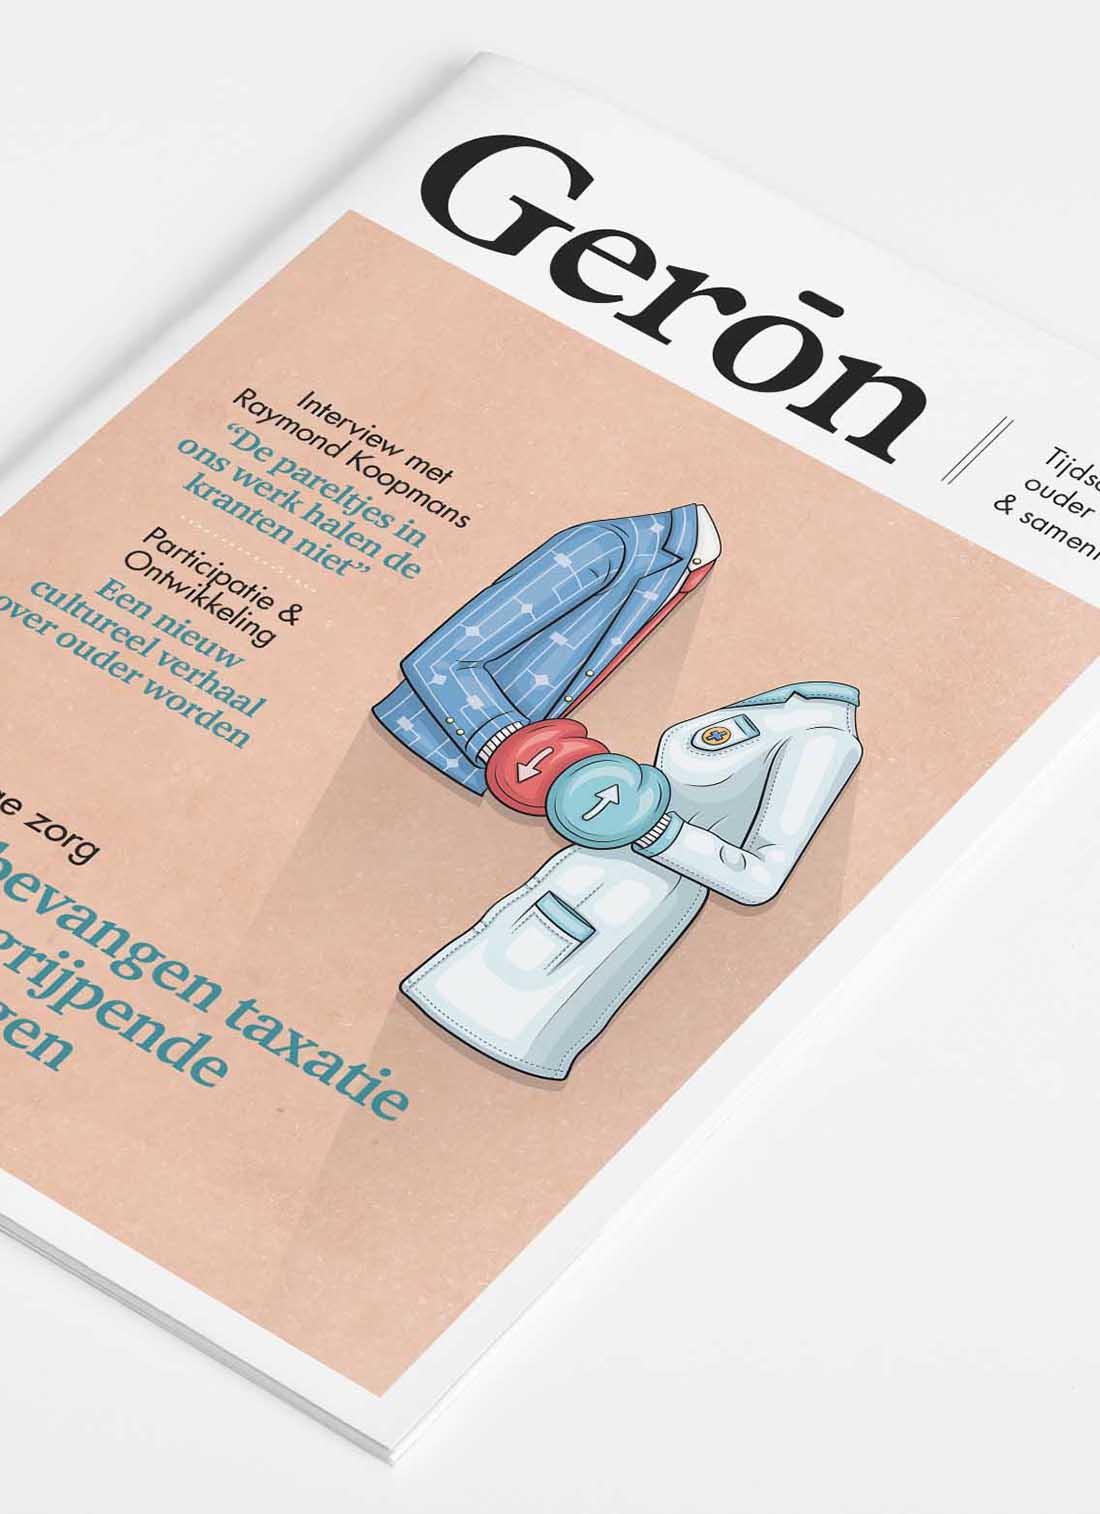 Geron 4 cover illustratie